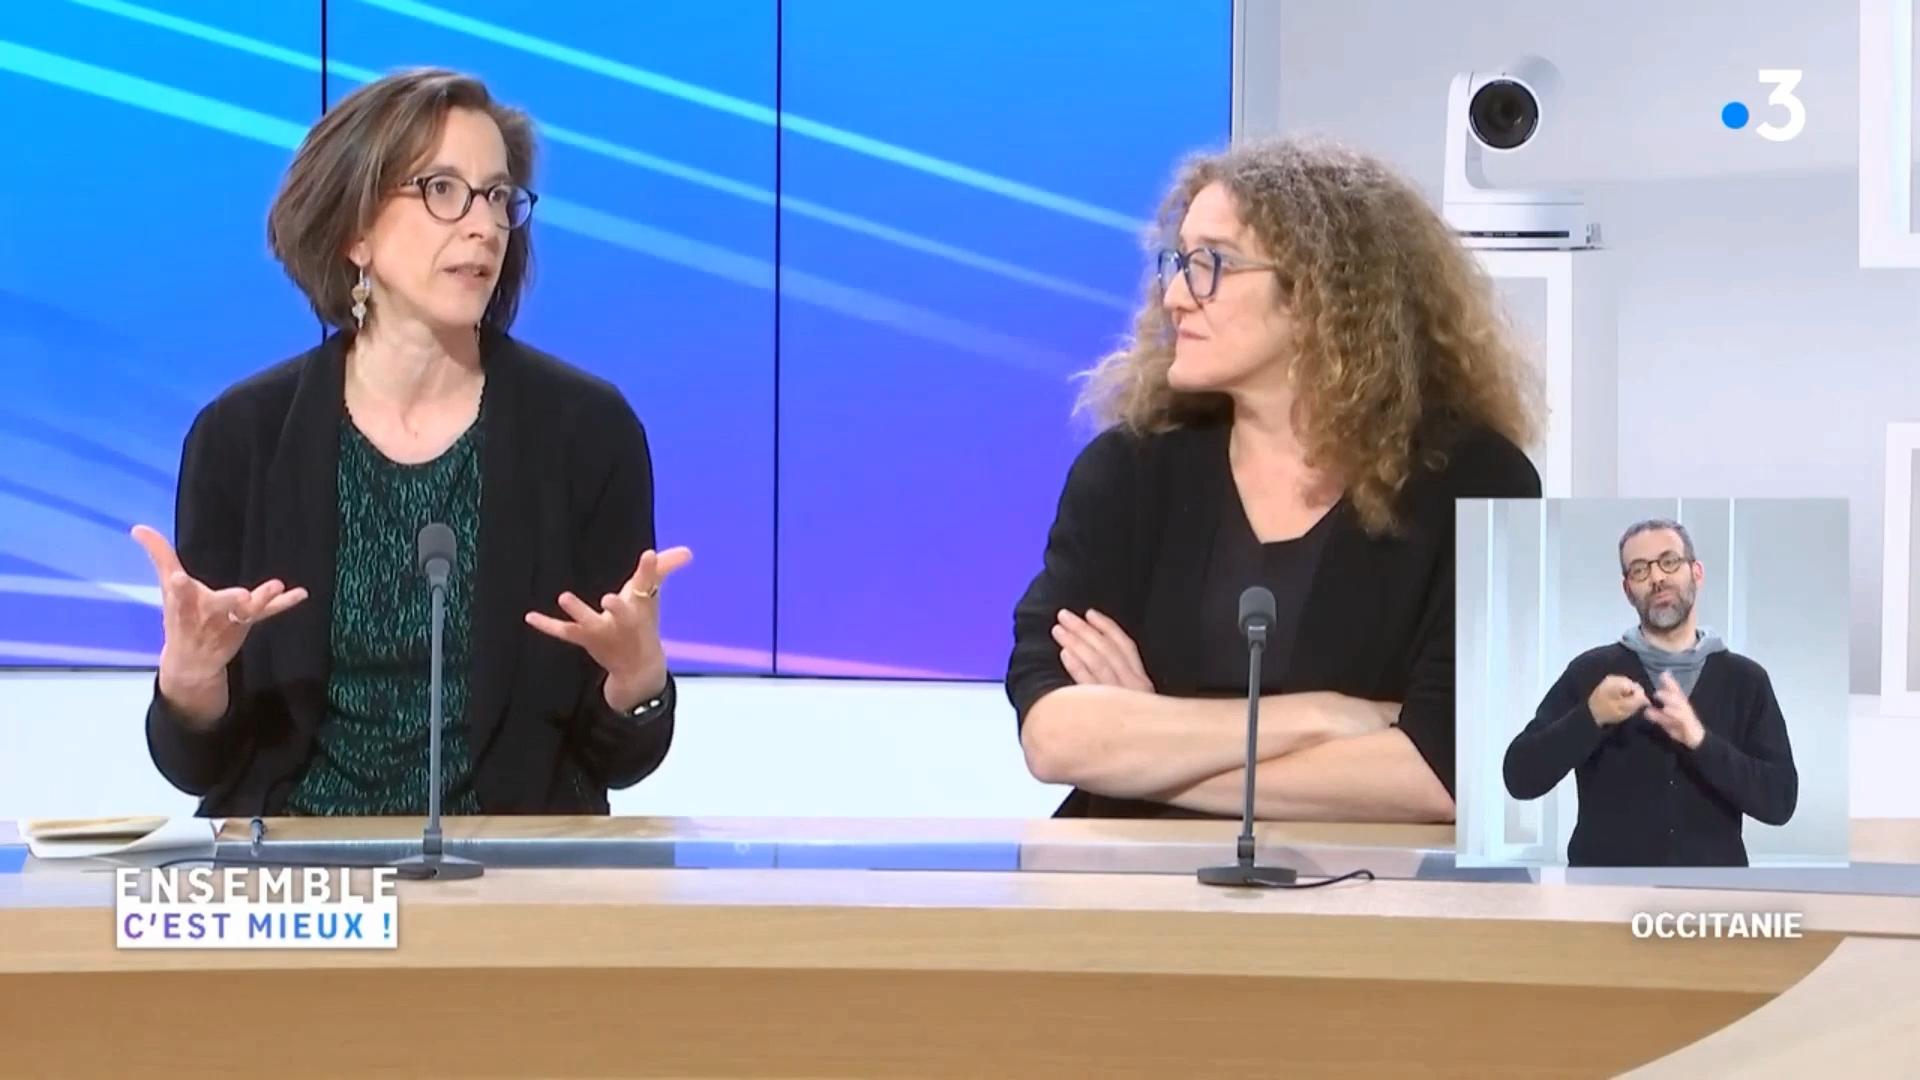 """""""Ensemble c'est mieux"""" avec Des'L / France 3 Occitanie  - 30 mars 2021"""